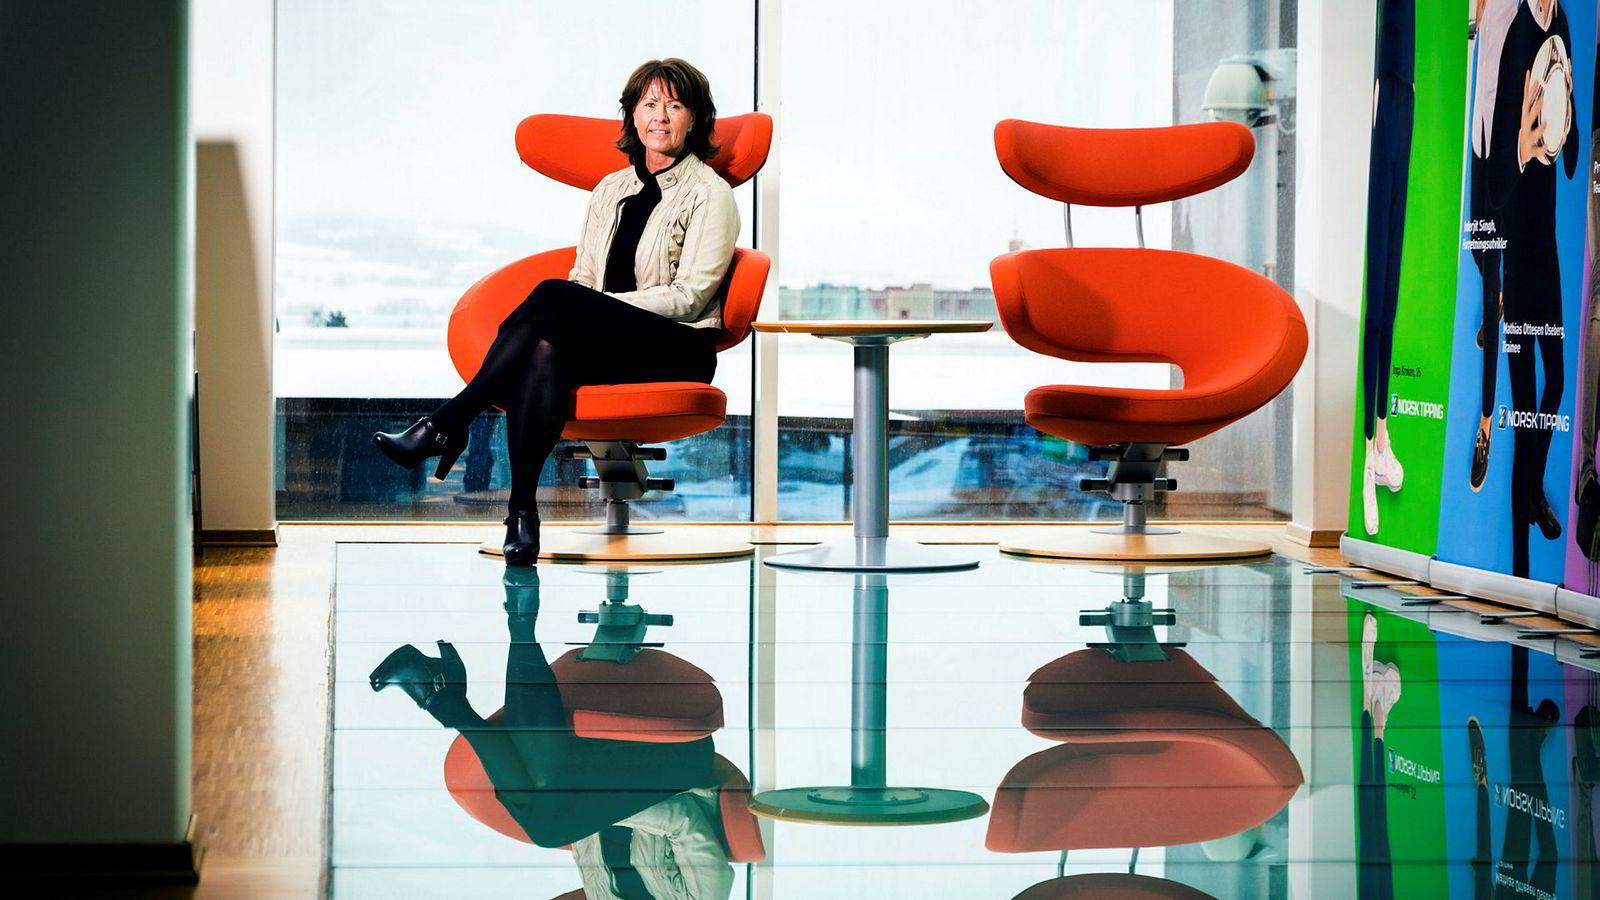 Administrerende direktør i Norsk Tipping, Åsne Havnelid, er ganske alene som kvinne på toppen hos de største norske selskapene. Det skyldes tradisjonelle valg hos selskaper og styrer, mener hun.